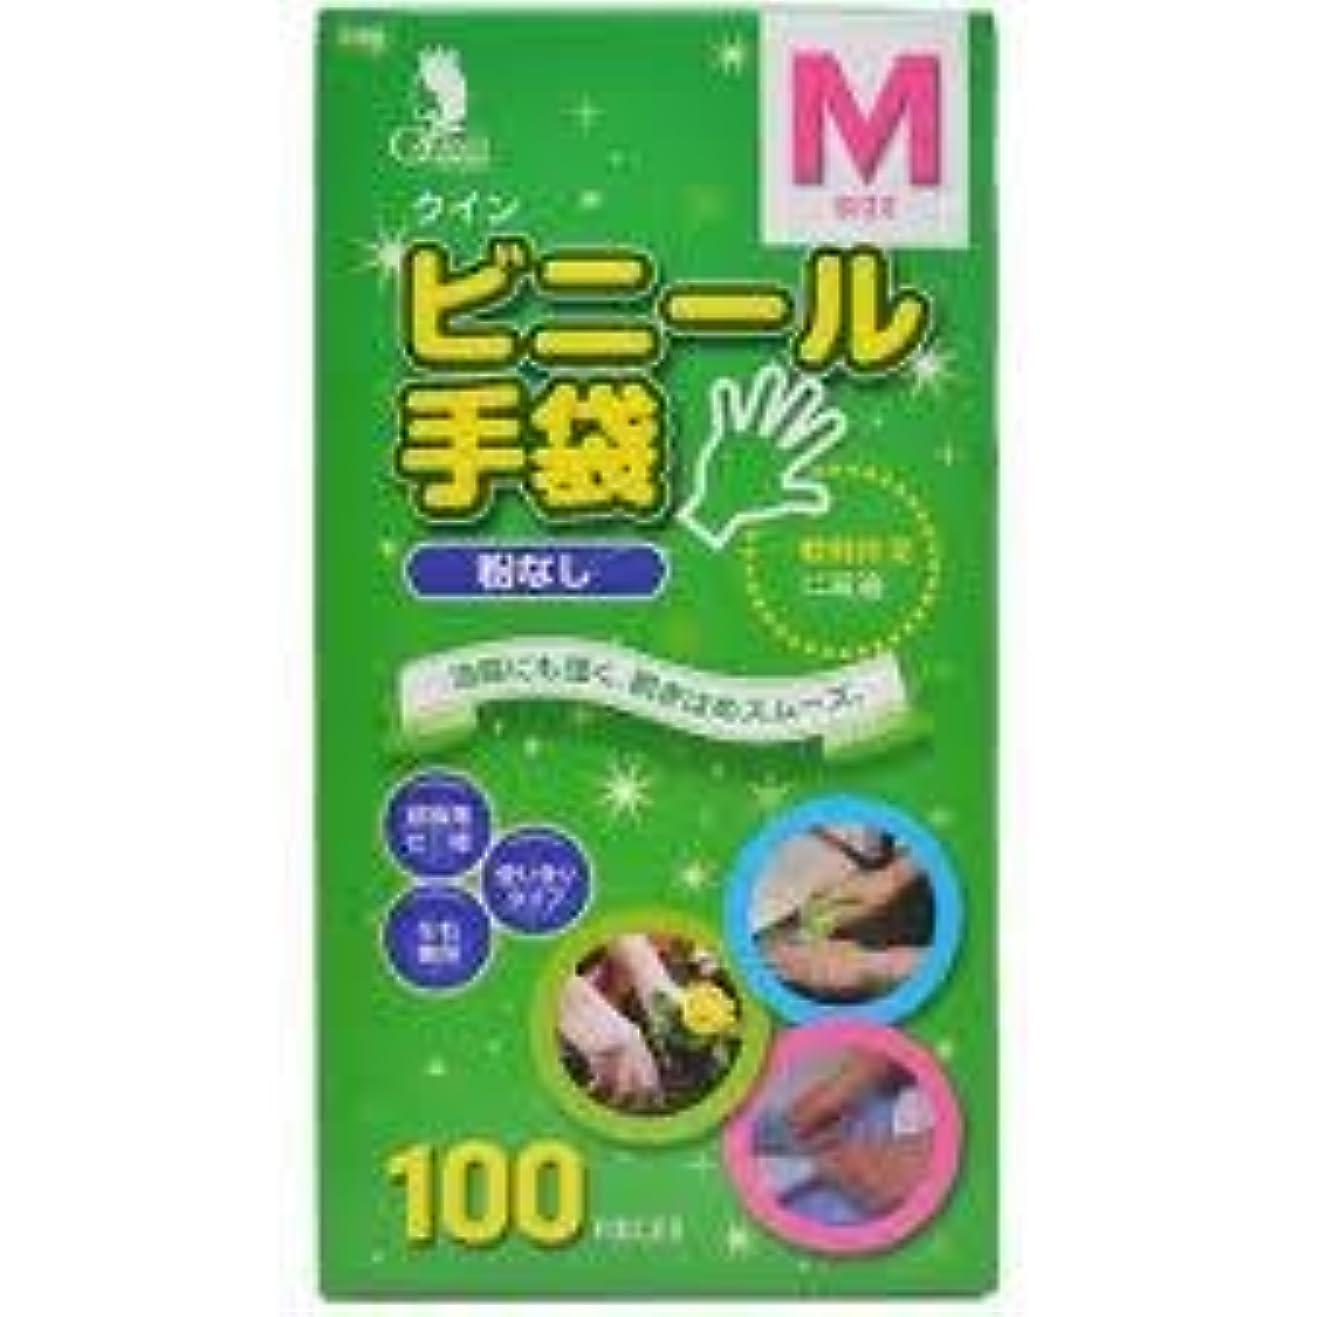 まともな資料道徳の宇都宮製作 クイン ビニール手袋(パウダーフリー) M100枚×20点セット (4976366006931)